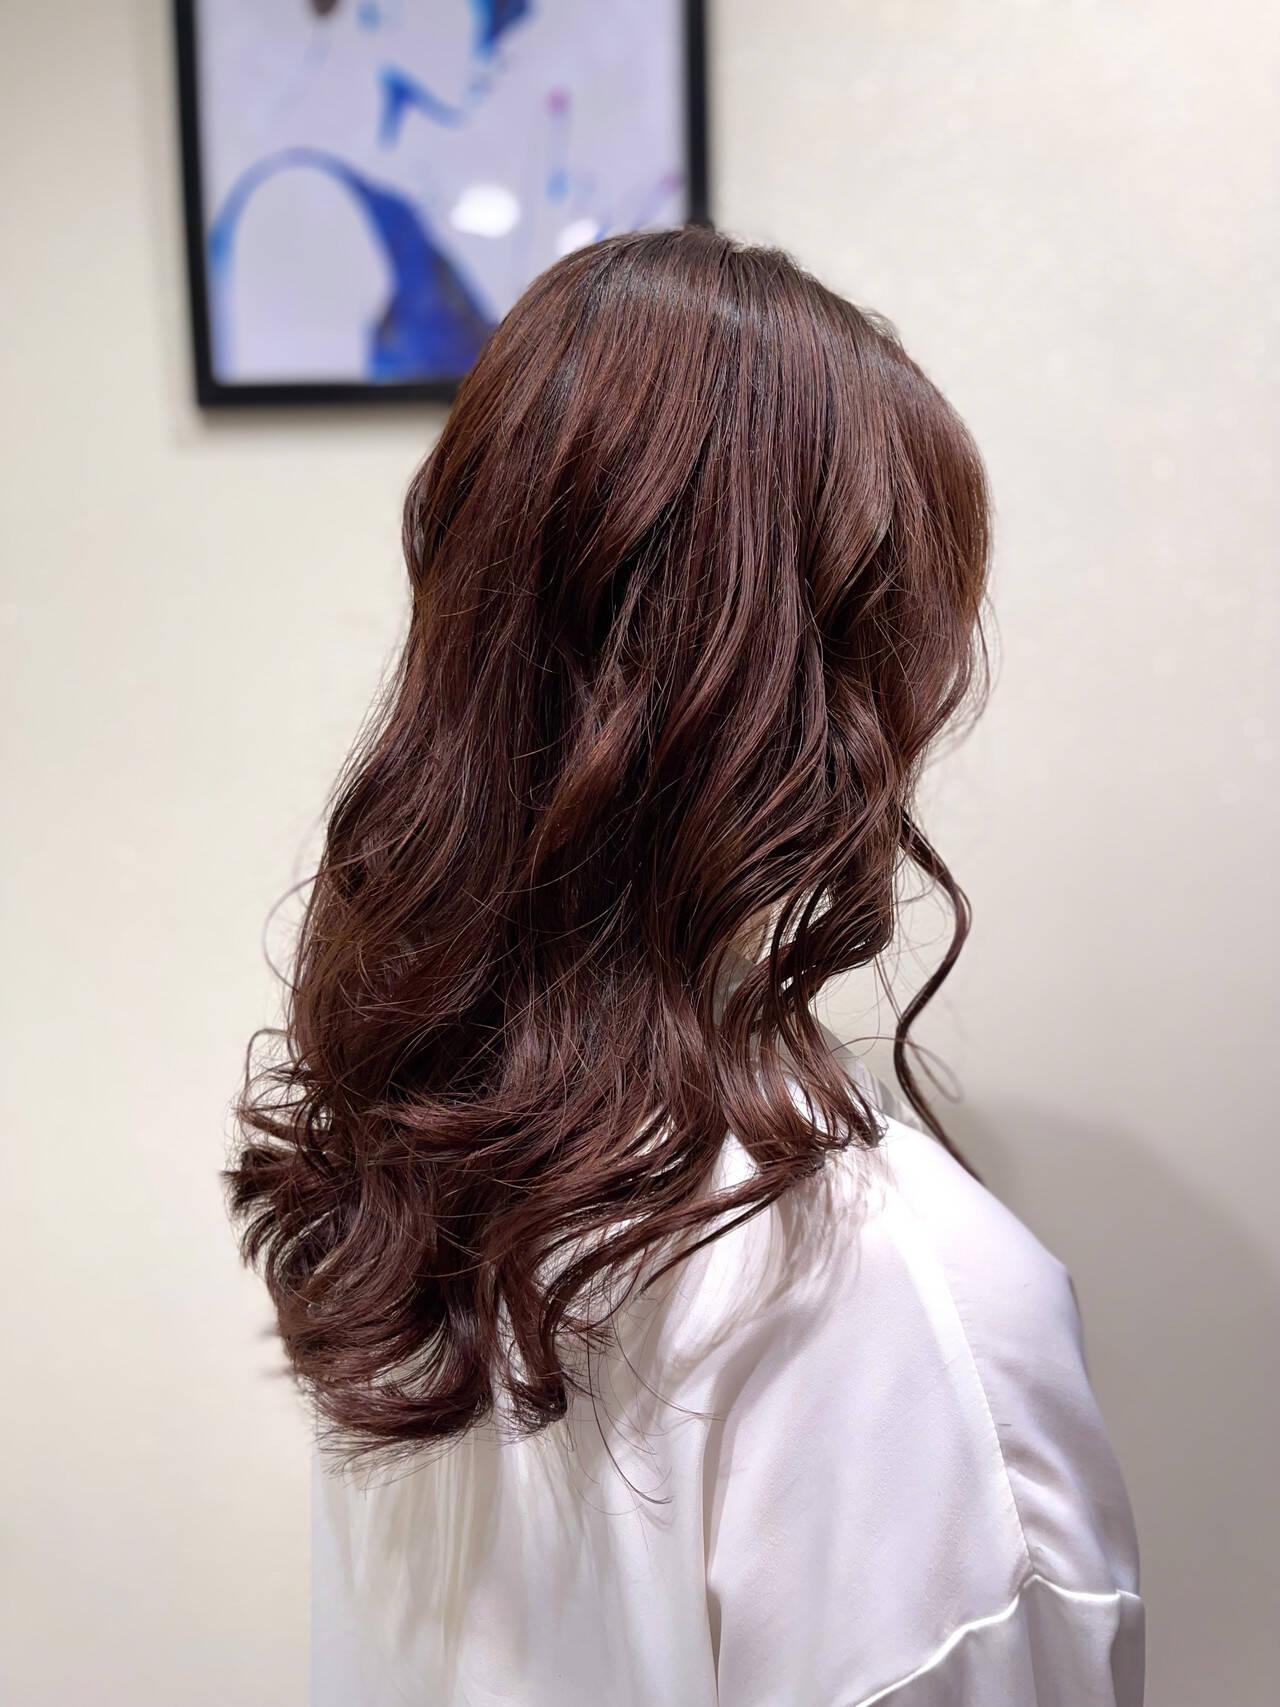 レイヤースタイル レイヤーカット ロング ラベンダーアッシュヘアスタイルや髪型の写真・画像